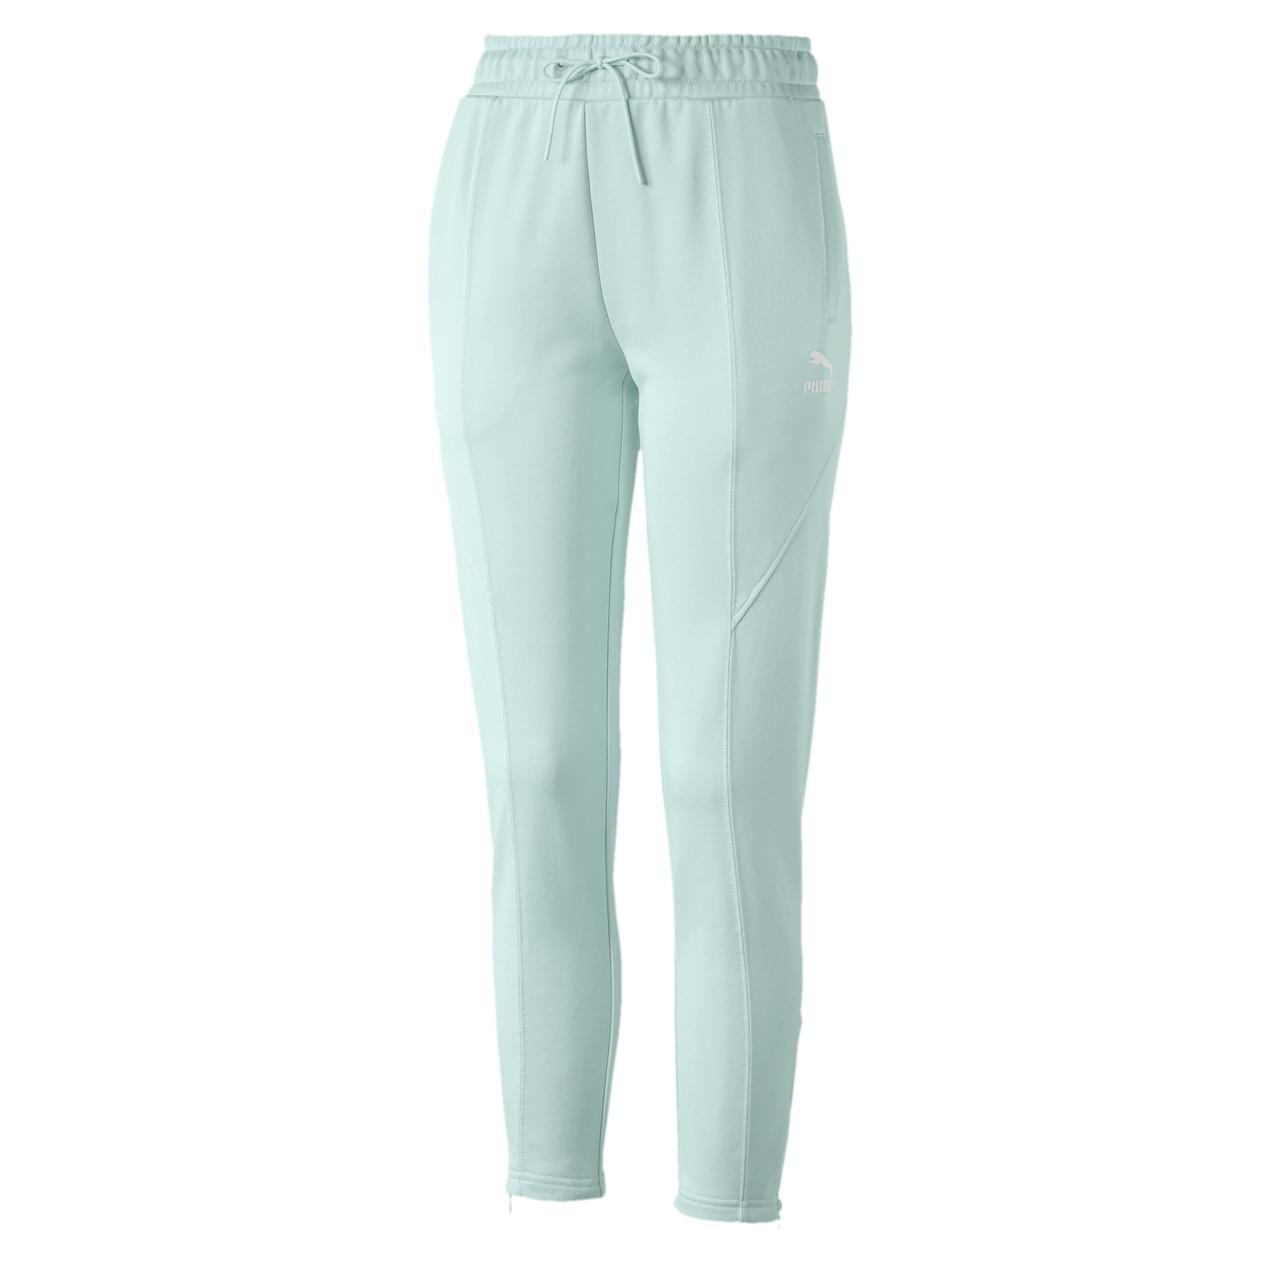 Спортивные штаны PUMA XTG 94 Women's Track Pants